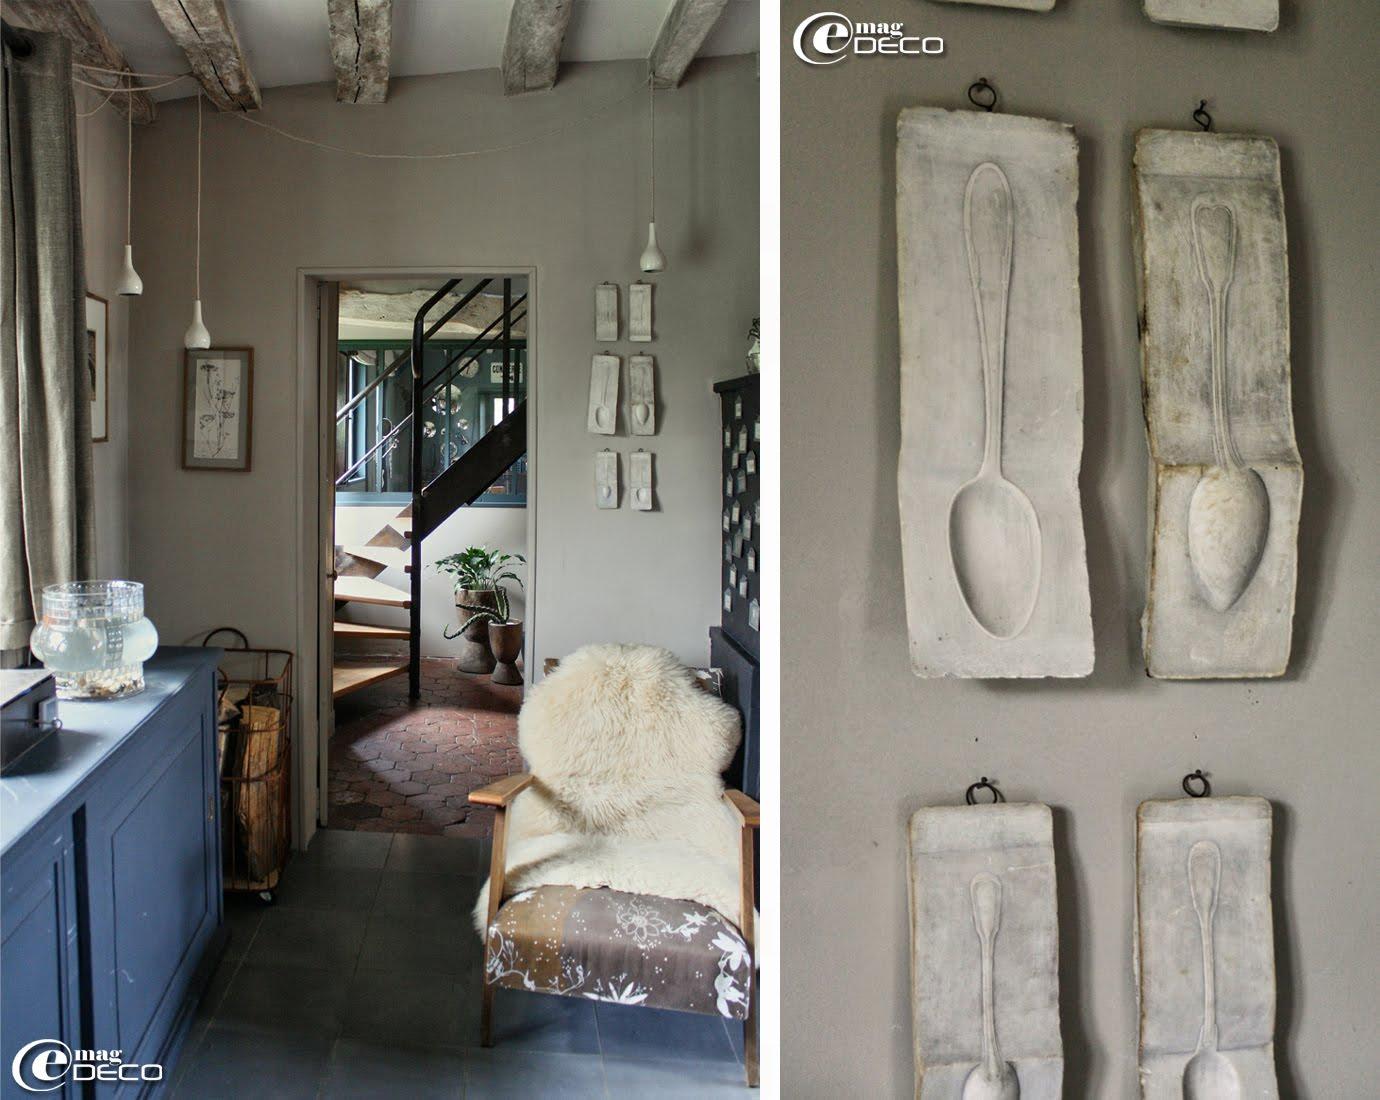 Collection de vieux moules en plâtre provenant d'une fabrique de couverts des années 1930